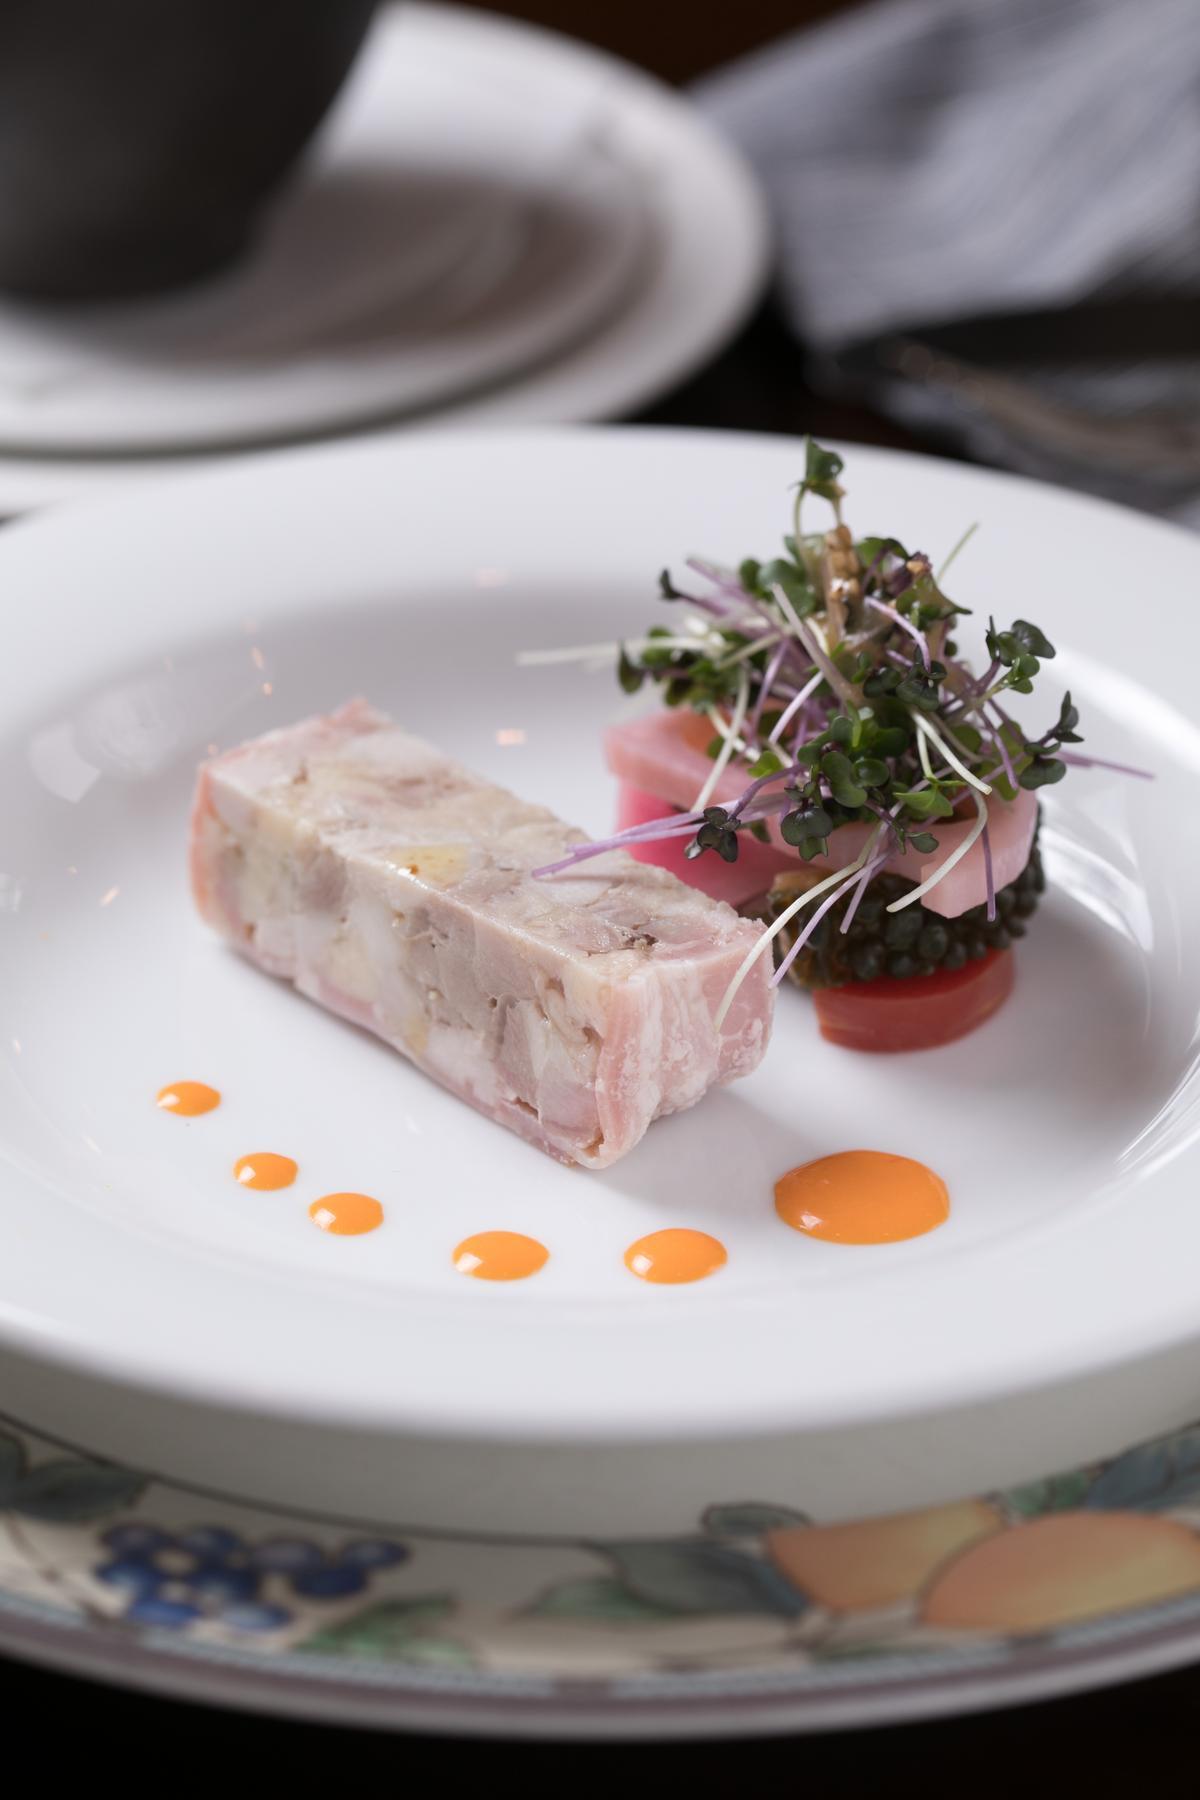 「秋田CHAPON法式雞肉醬糜」使用比內地雞閹雞製成肉凍,非常鮮美。